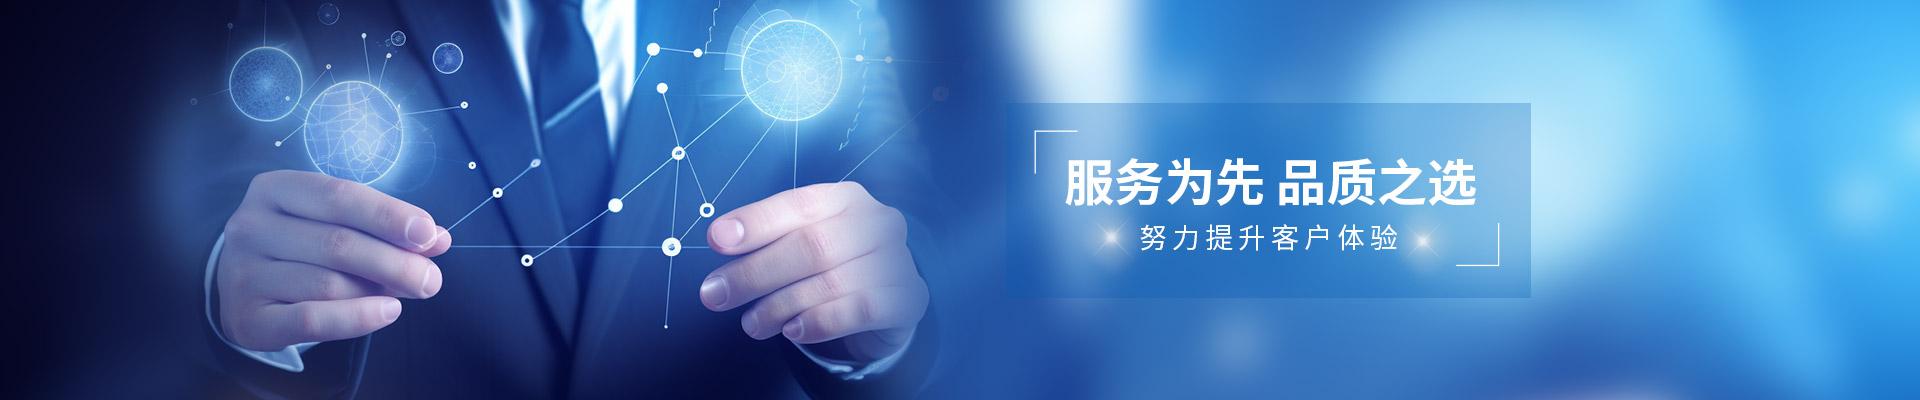 湖南湖大土木建筑工程檢測有限公司公司介紹